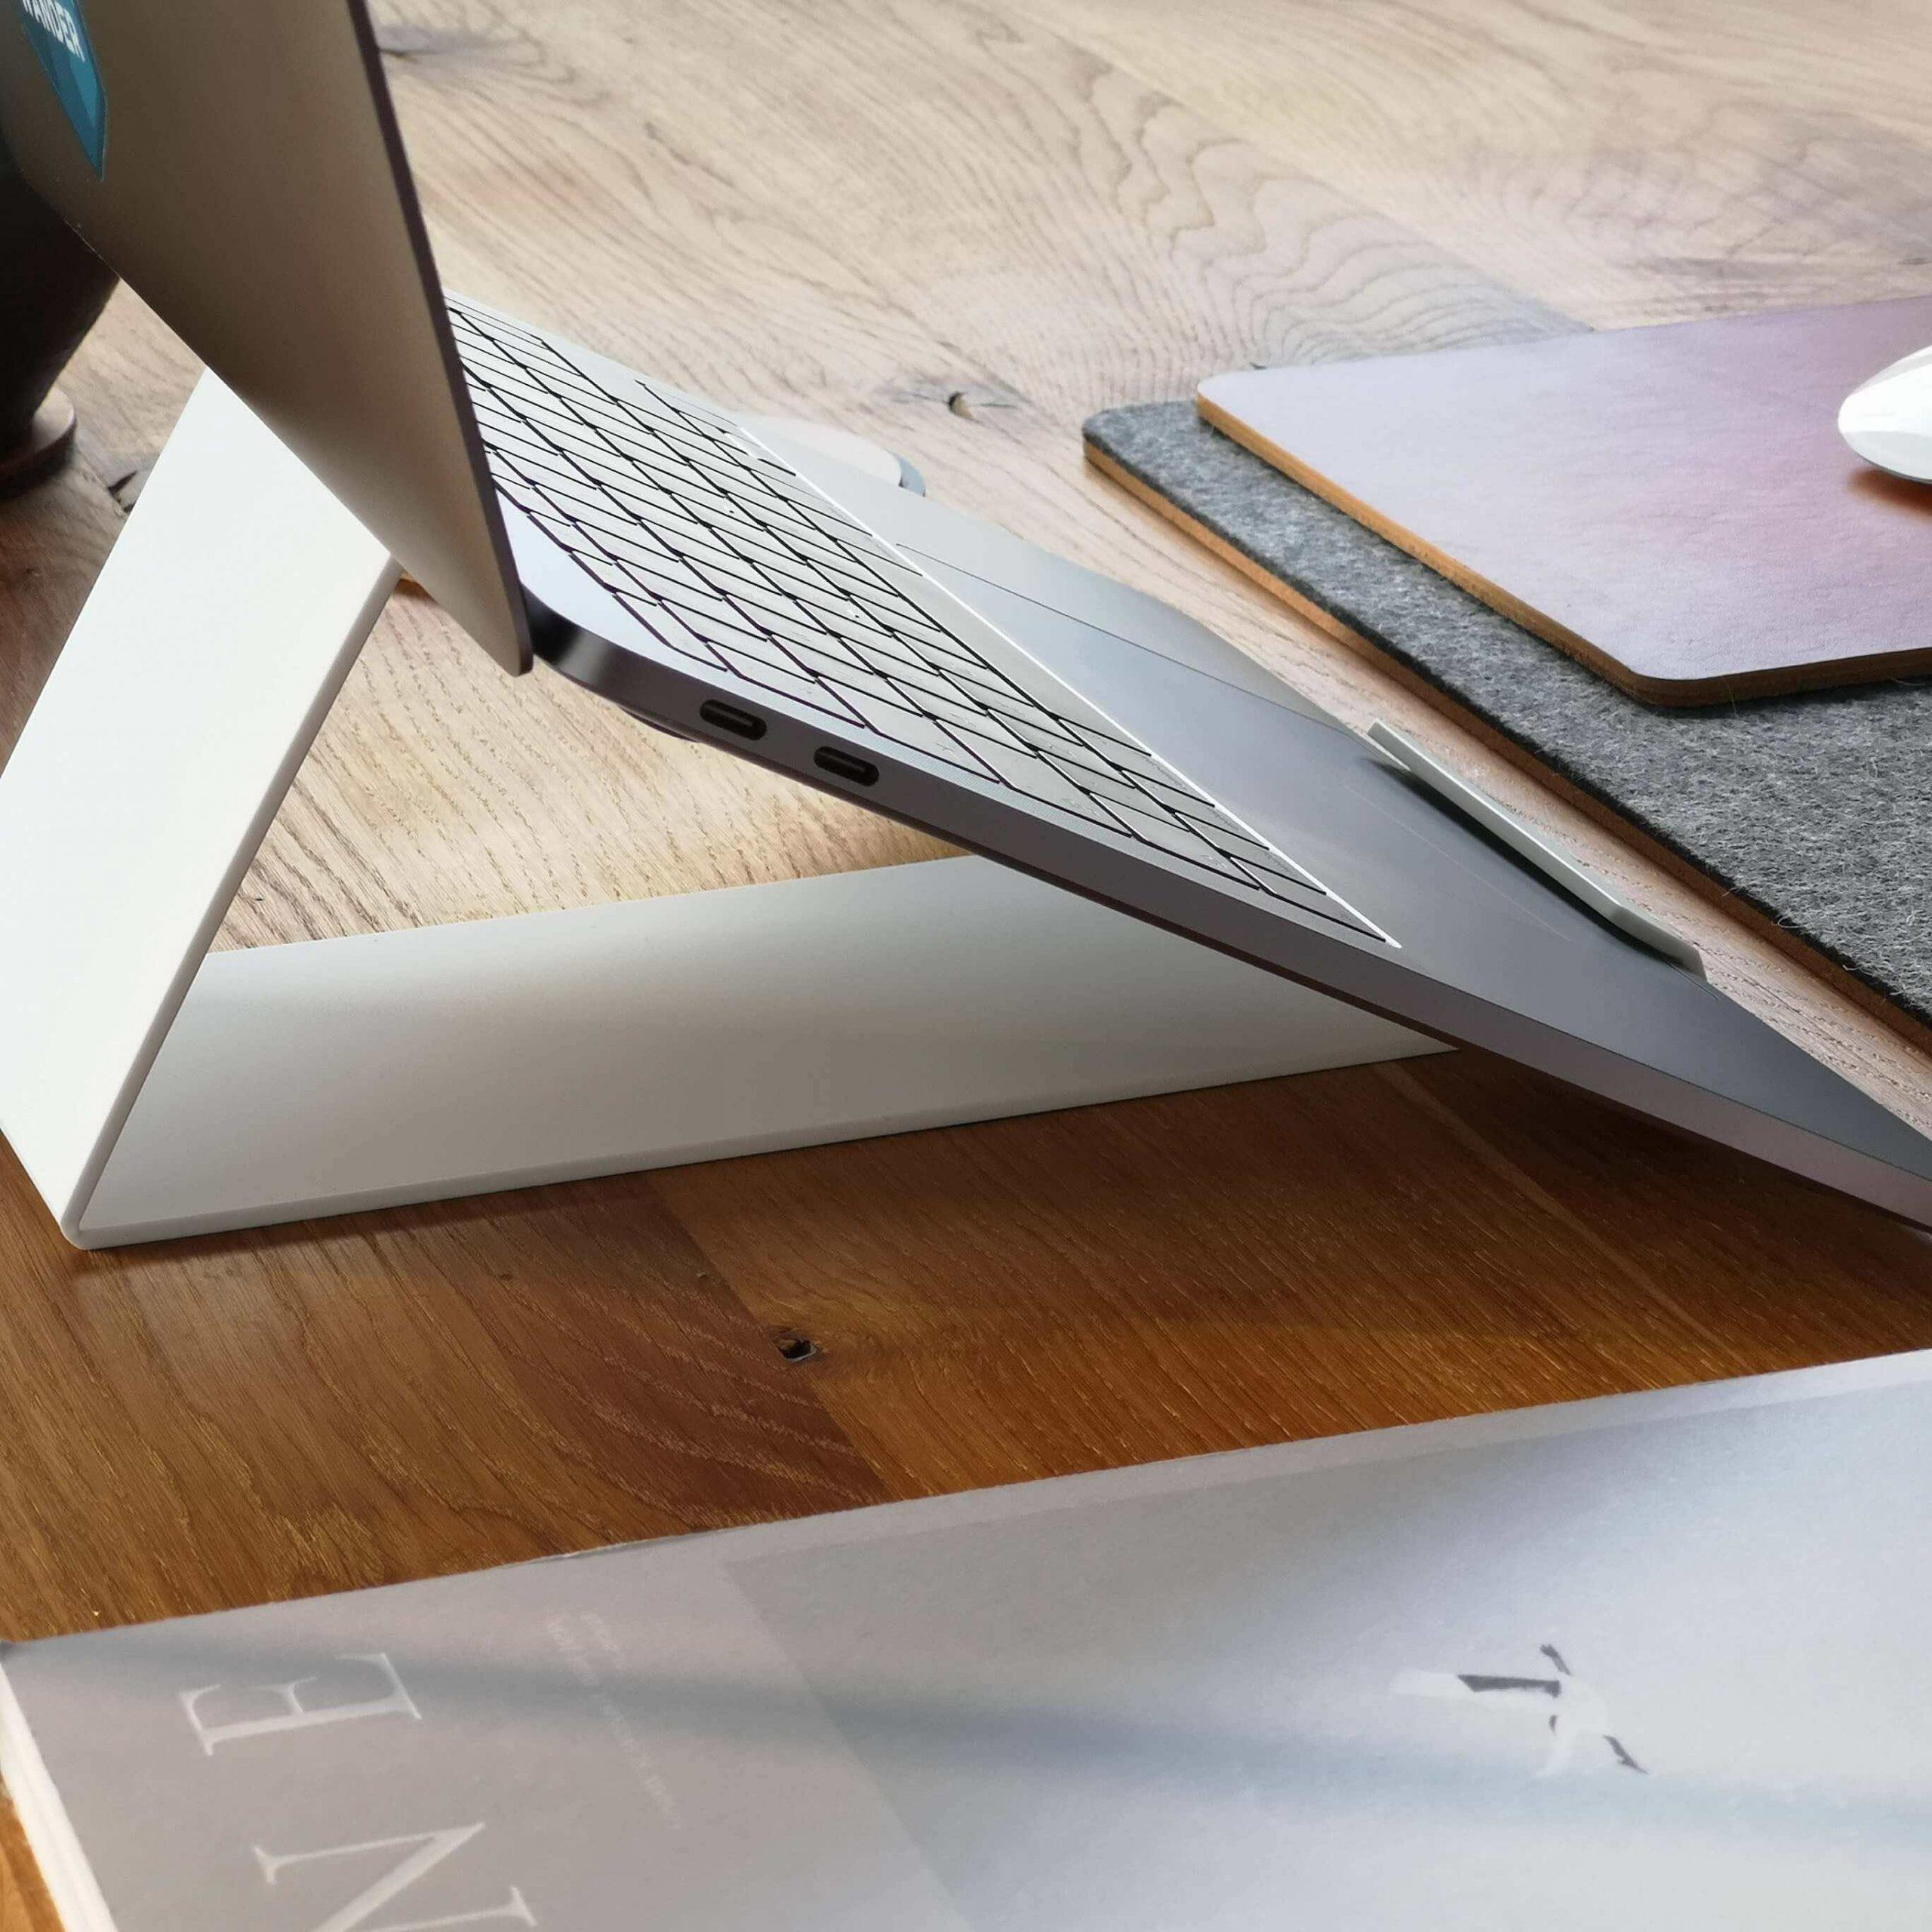 Mejores Soportes Portatil, mejora la ergonomía en tu casa con la guia ortodinamics.com